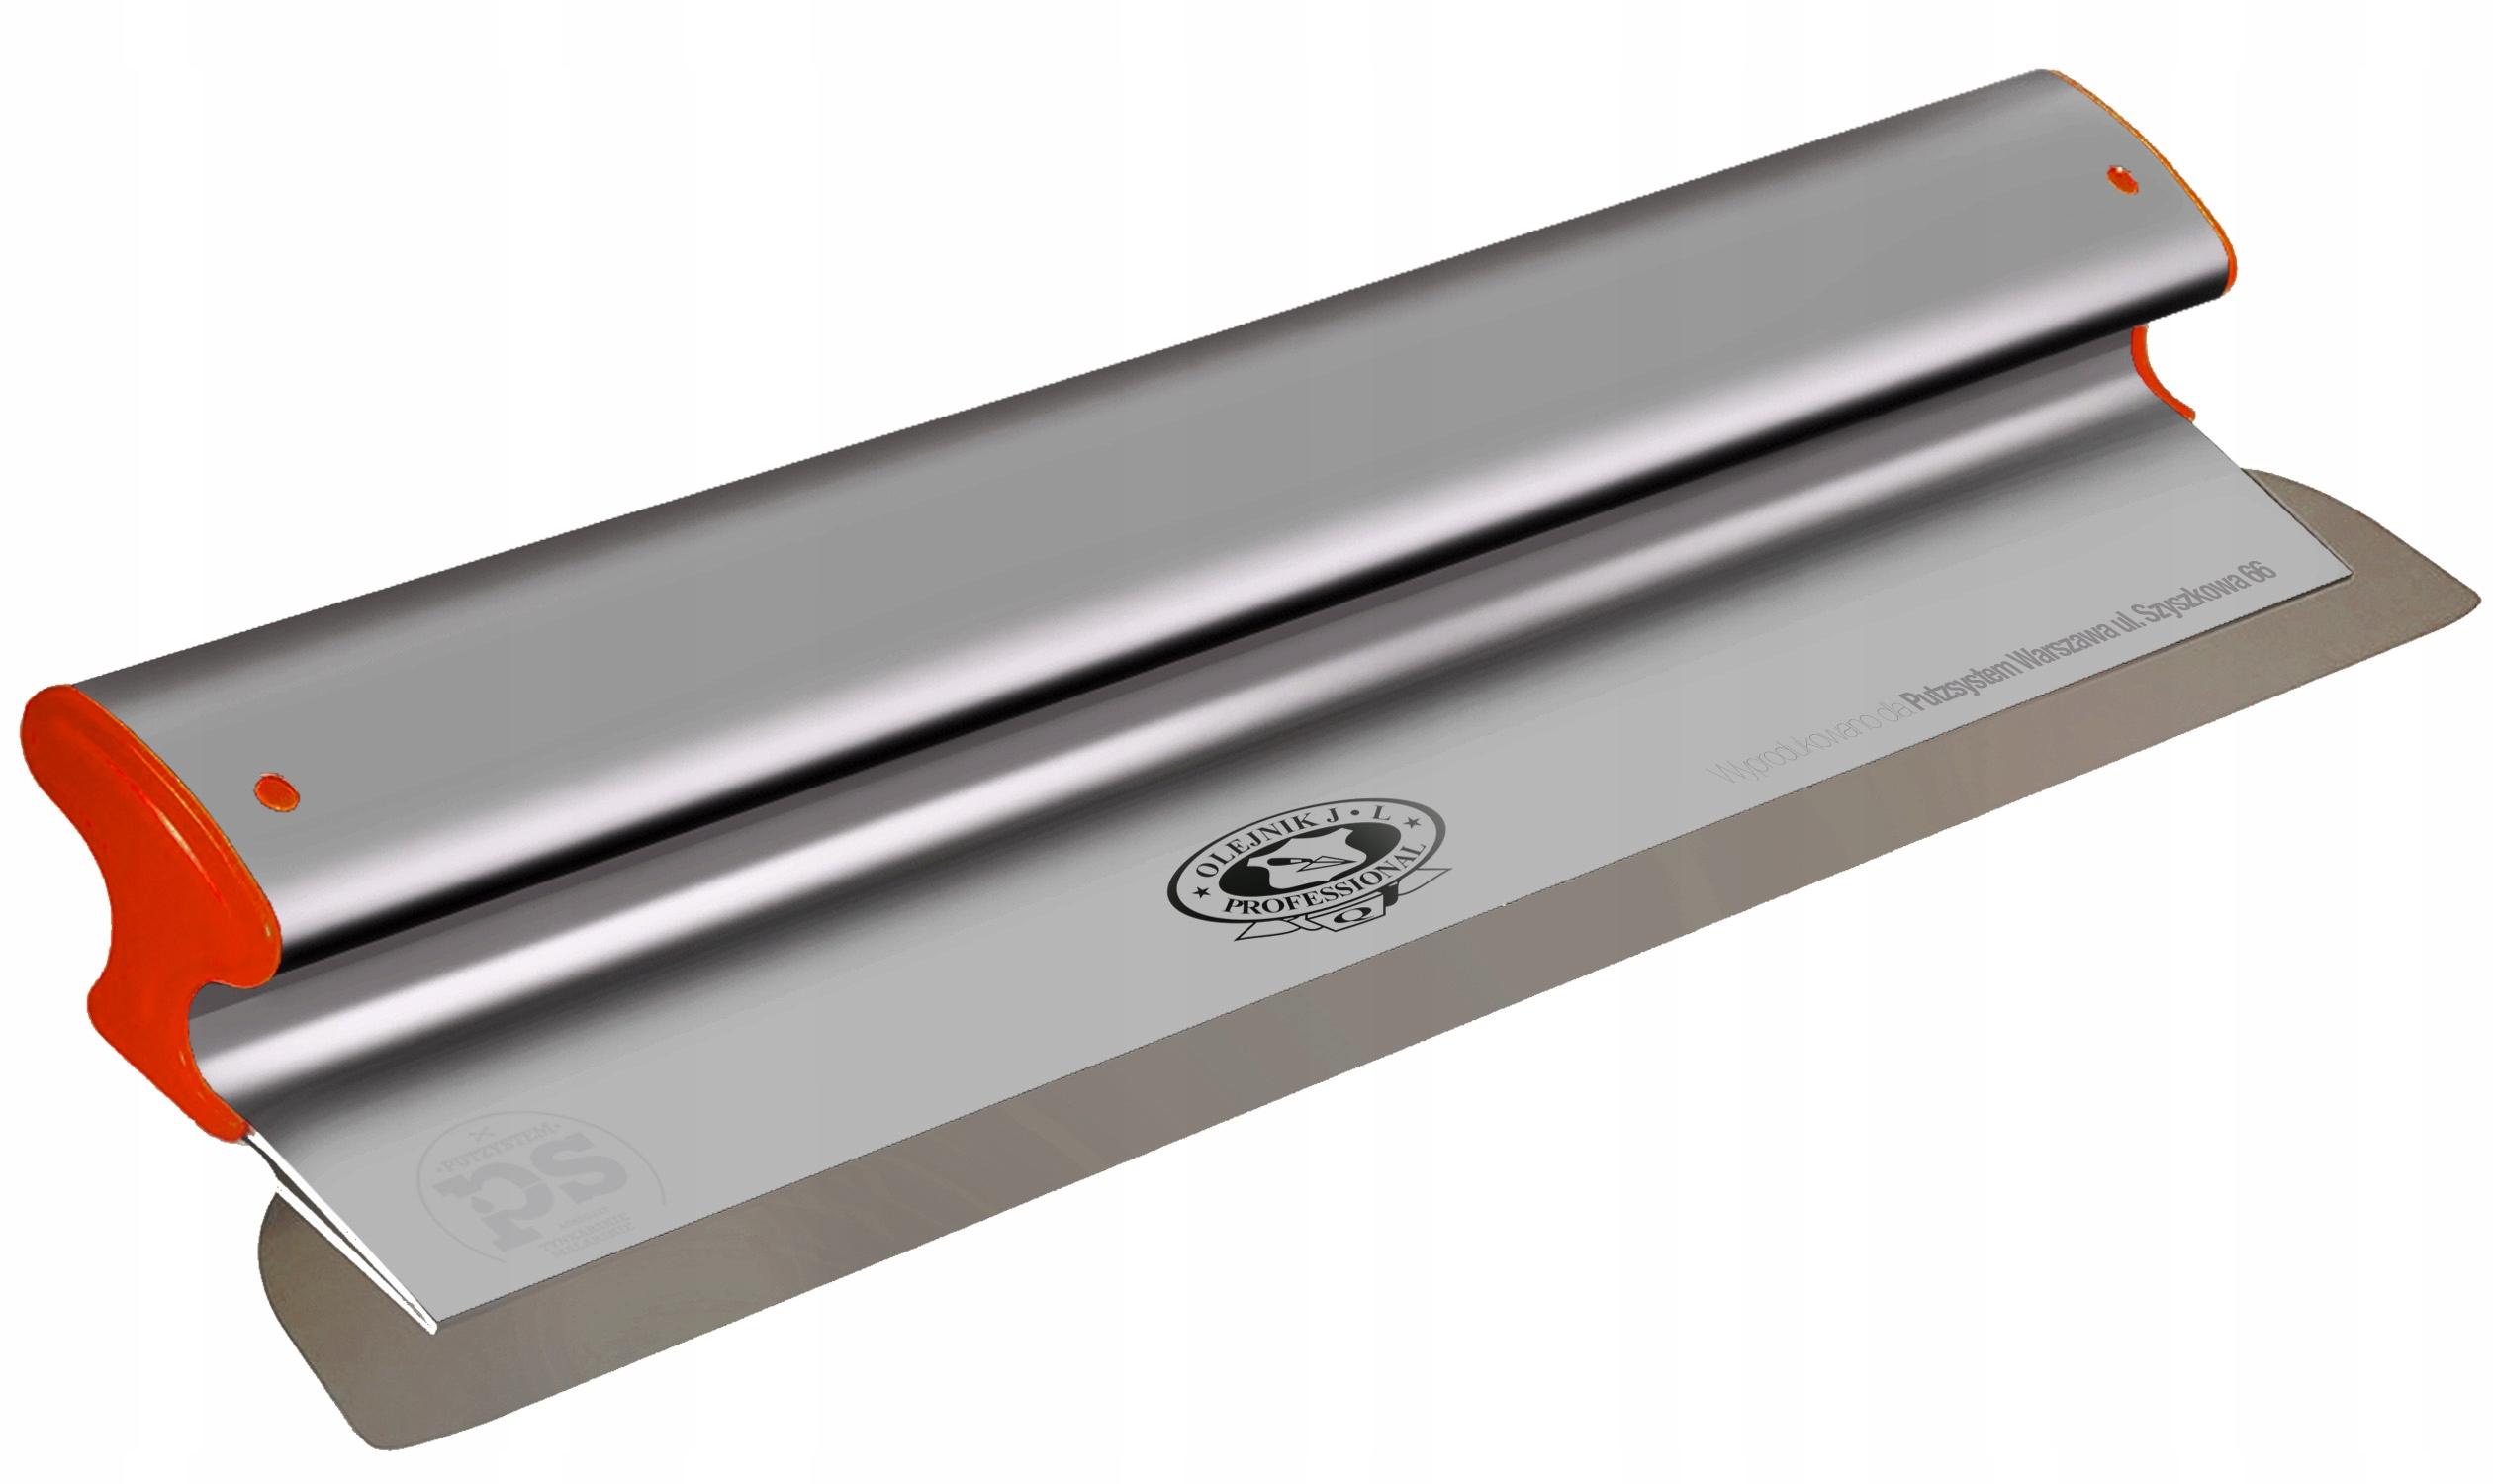 Szpachla aluminiowa nóż gr 0.3 Olejnik 800mm